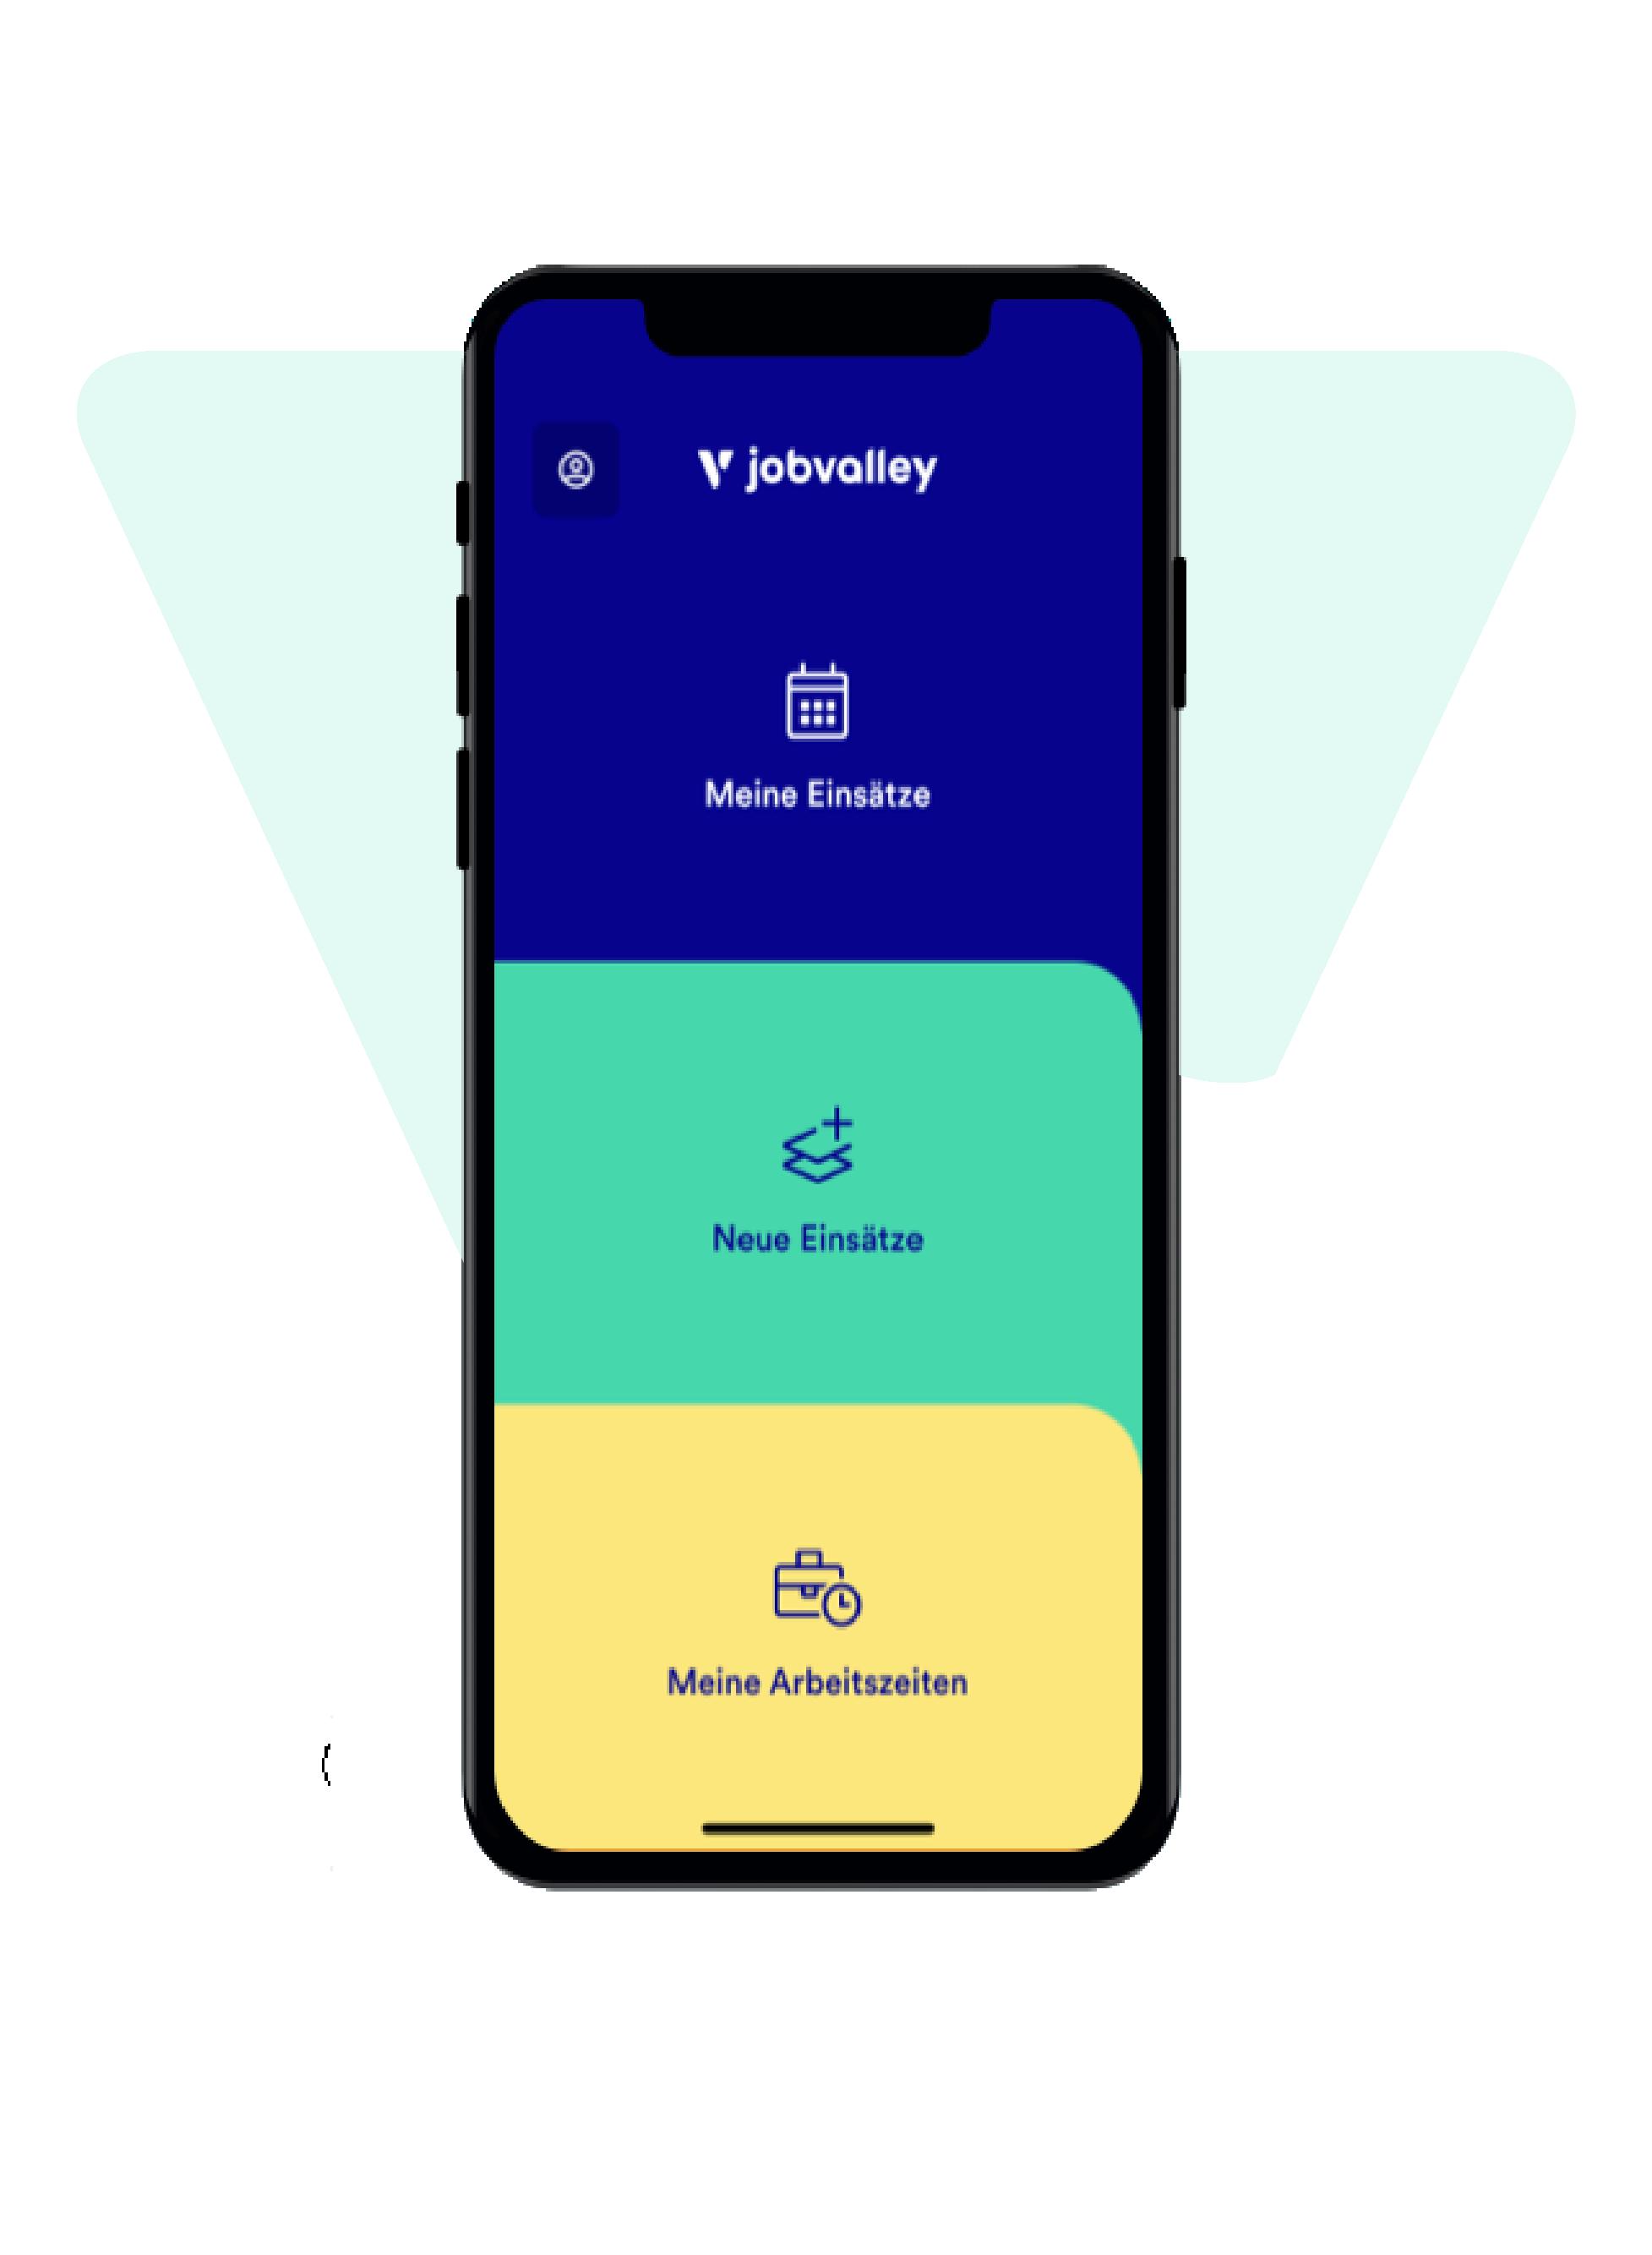 Smartphone mit geöffneter jobvalley App